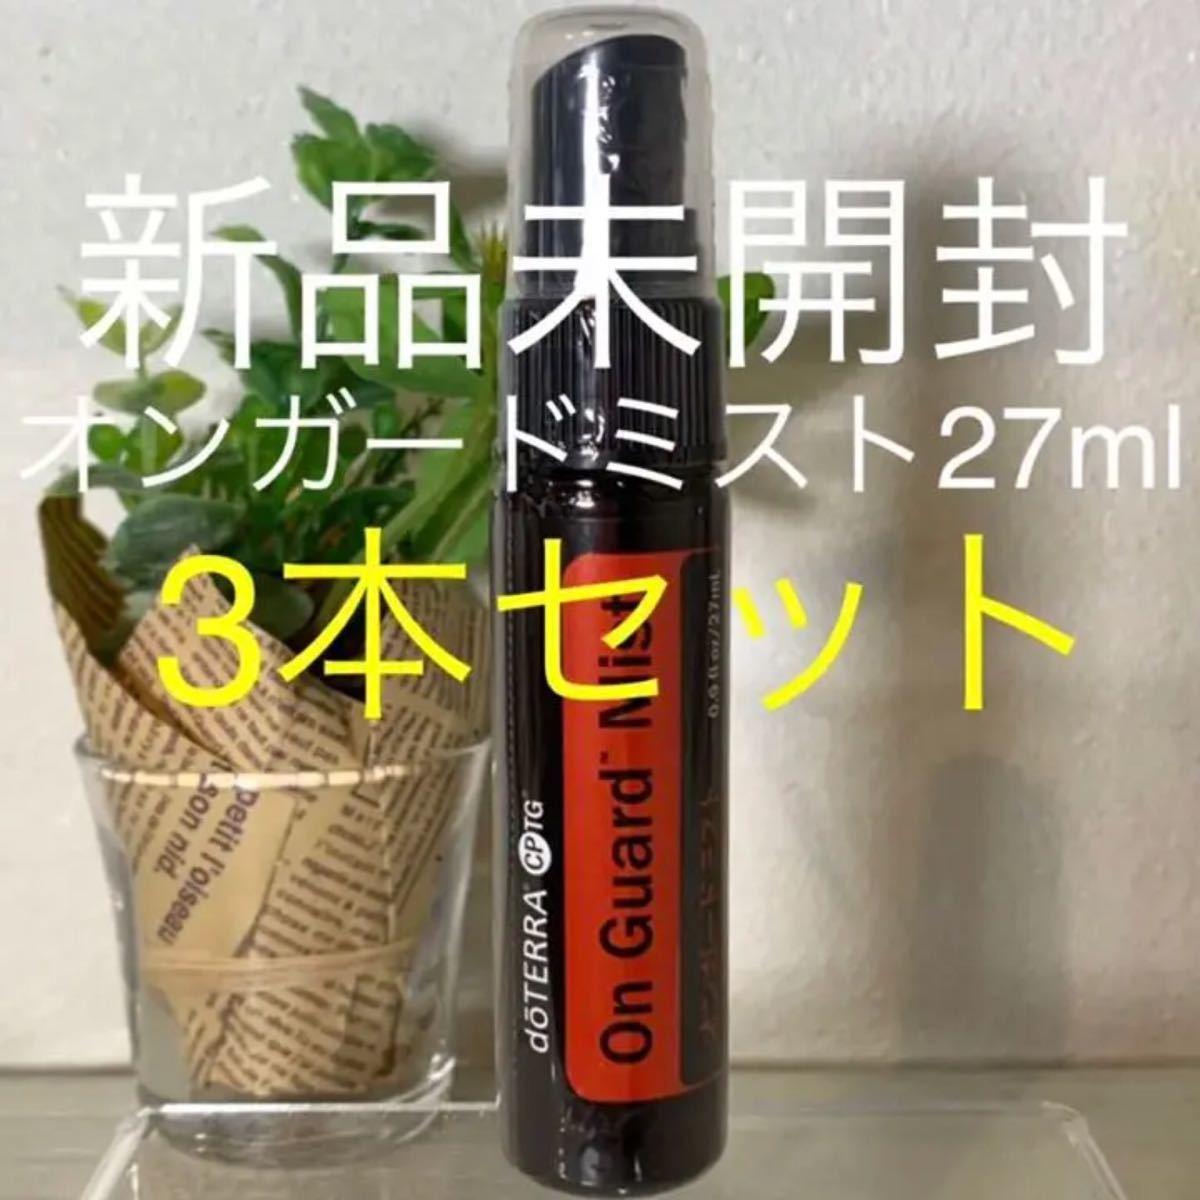 ドテラ オンガードミスト27ml、3本セット★正規品★新品未開封★